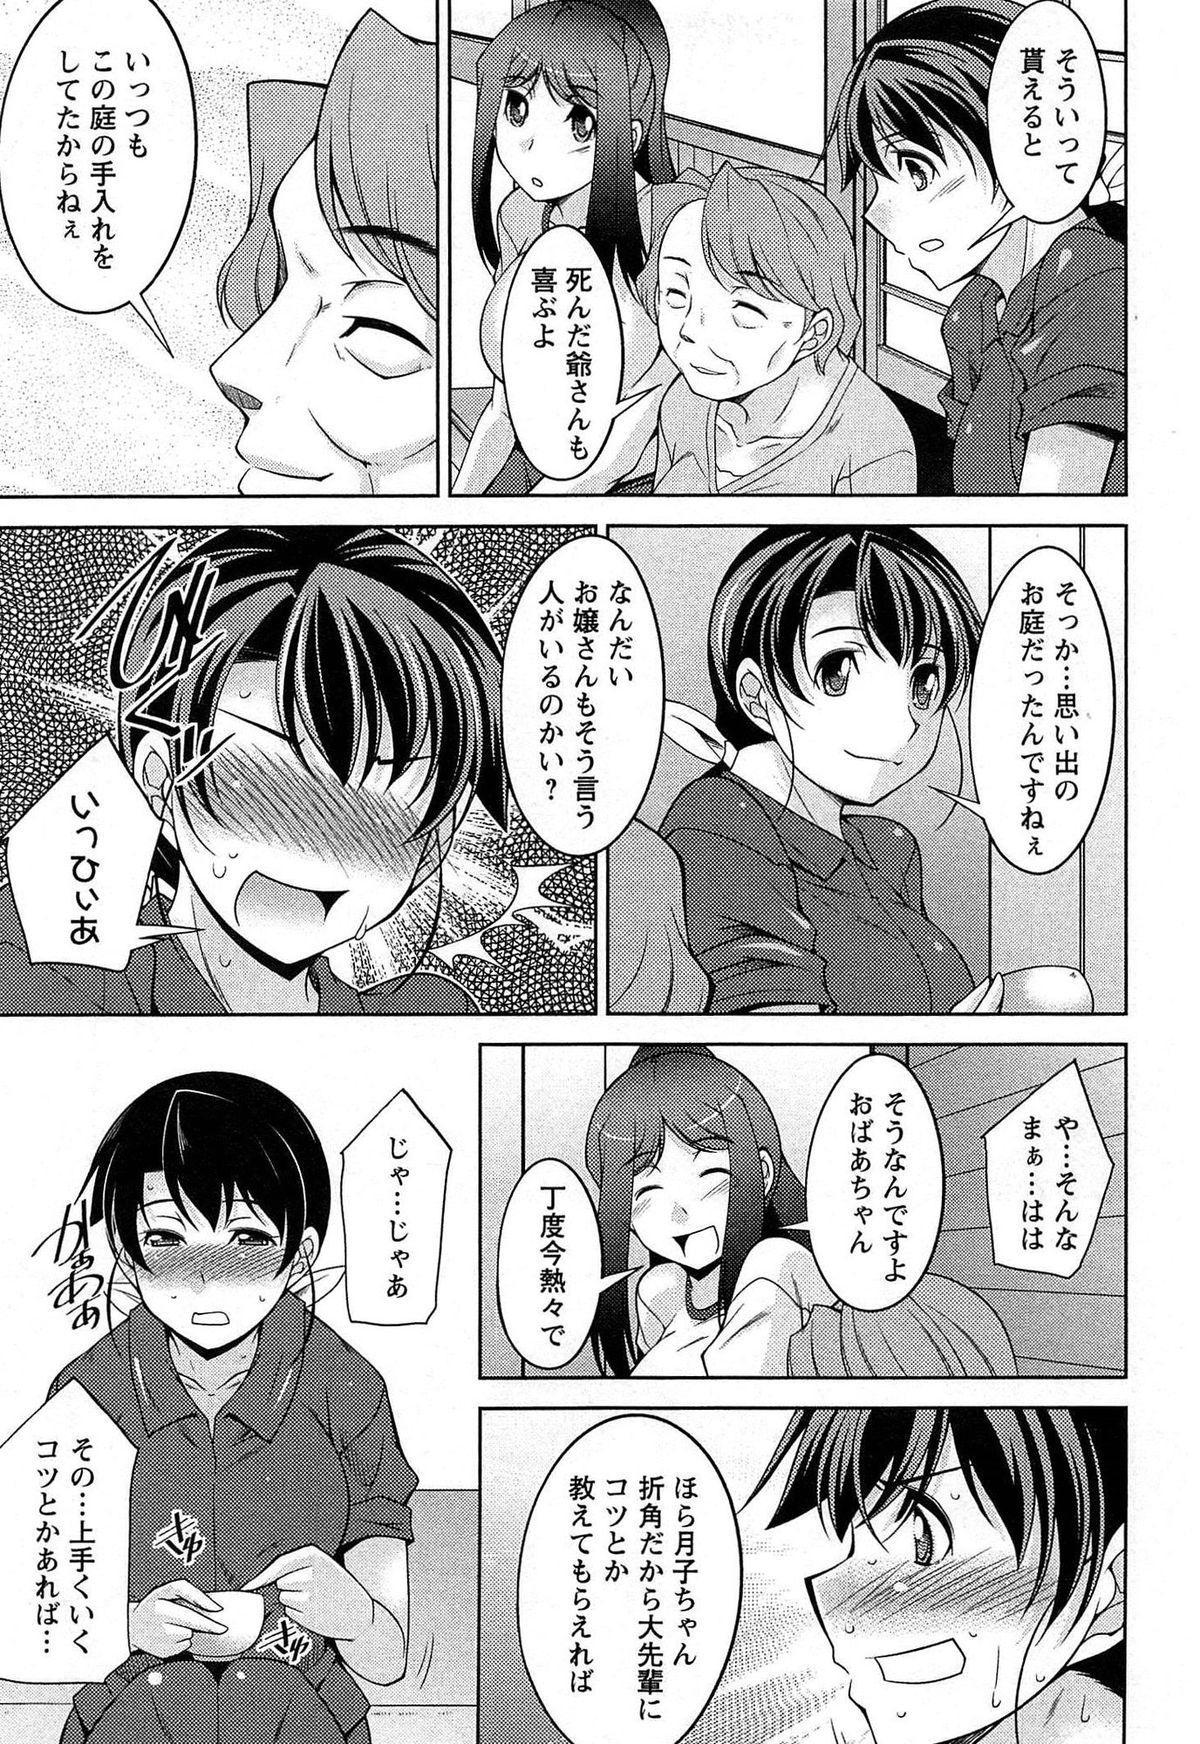 [zen9] Tsuki-wo Ai-Shite - Tsuki-ni Koi-shite 2 107